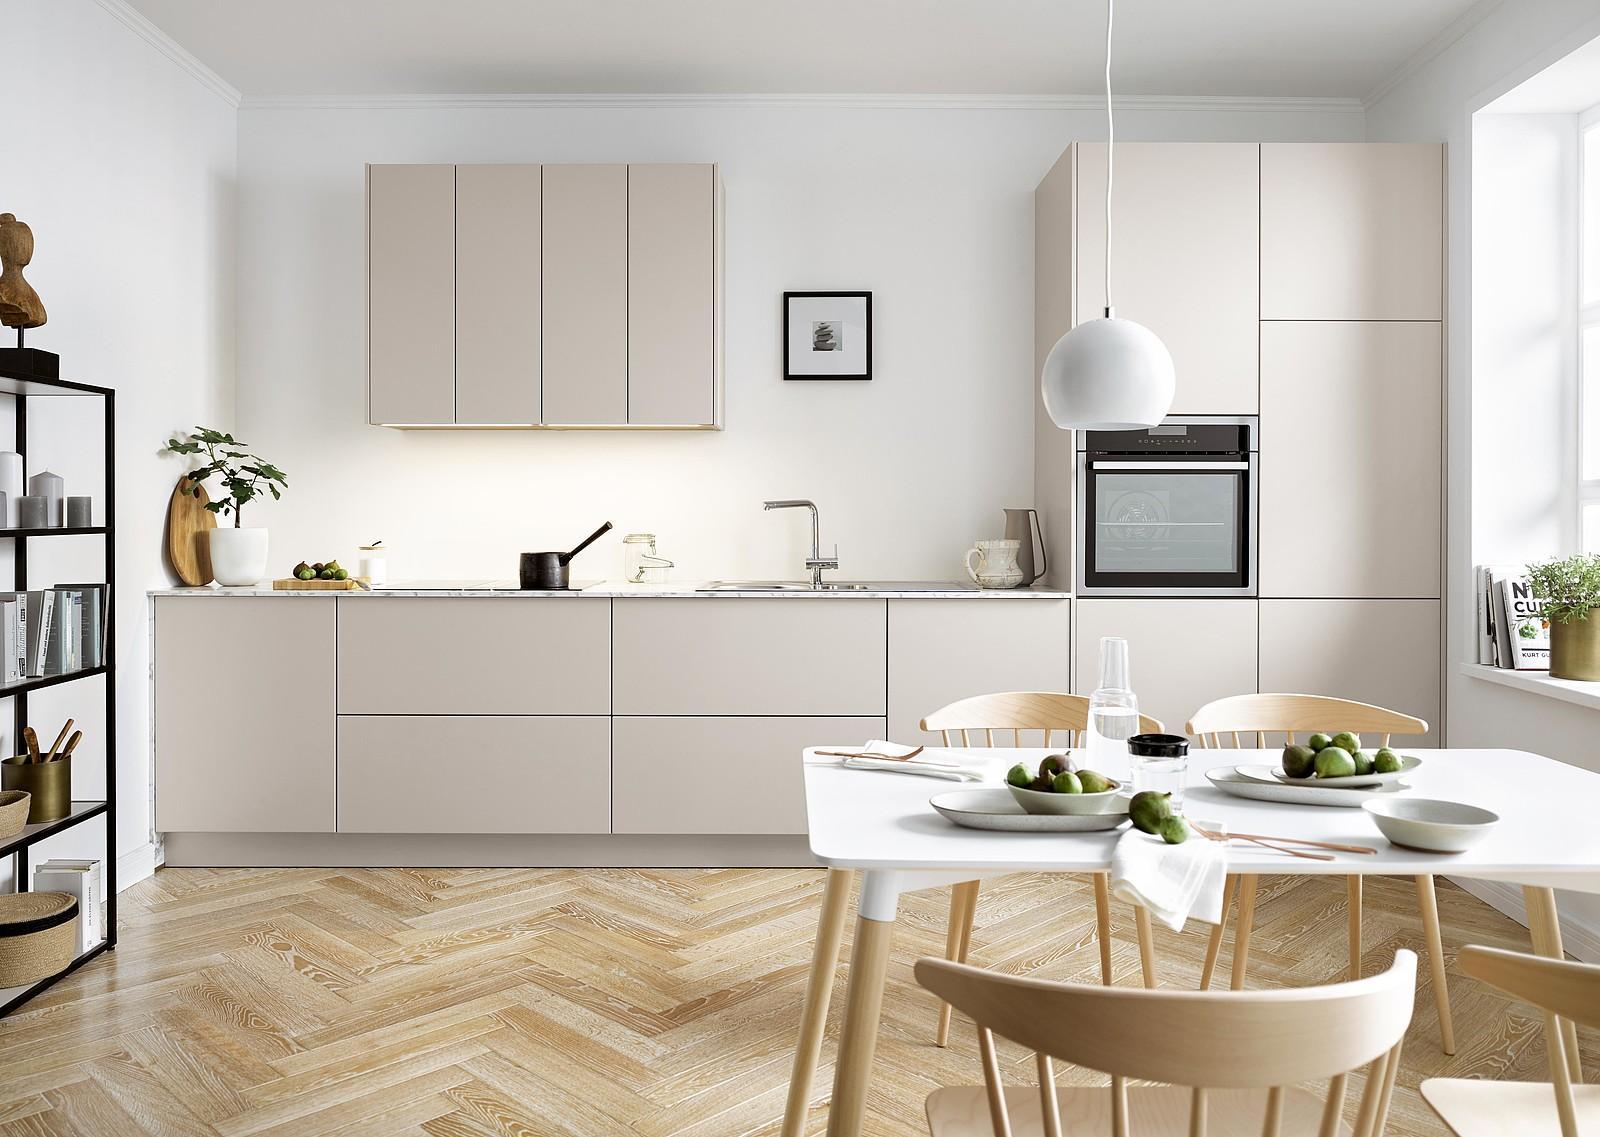 Küchen Ideen Mit Esstisch